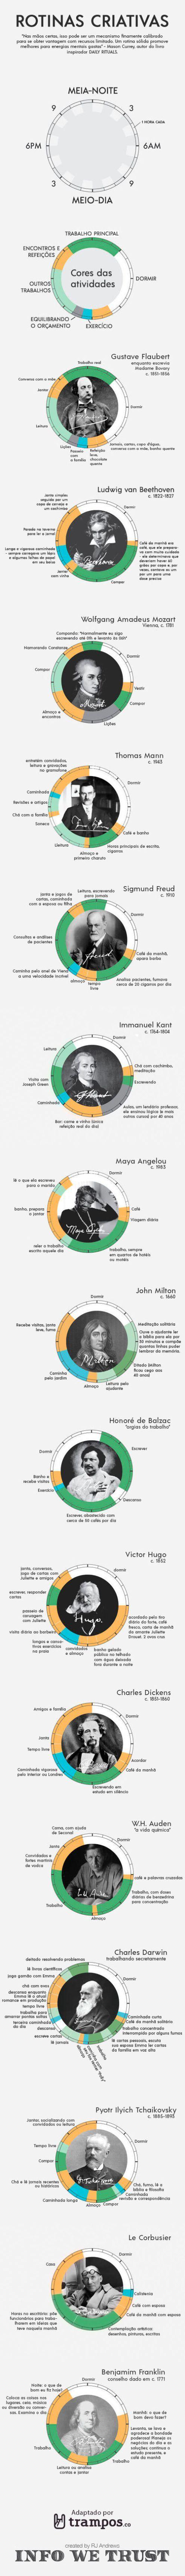 Este infográfico mostra um pouco da rotina de grandes escritores, artistas e inventores para entender como eles organizavam (ou não) o tempo. Confira!